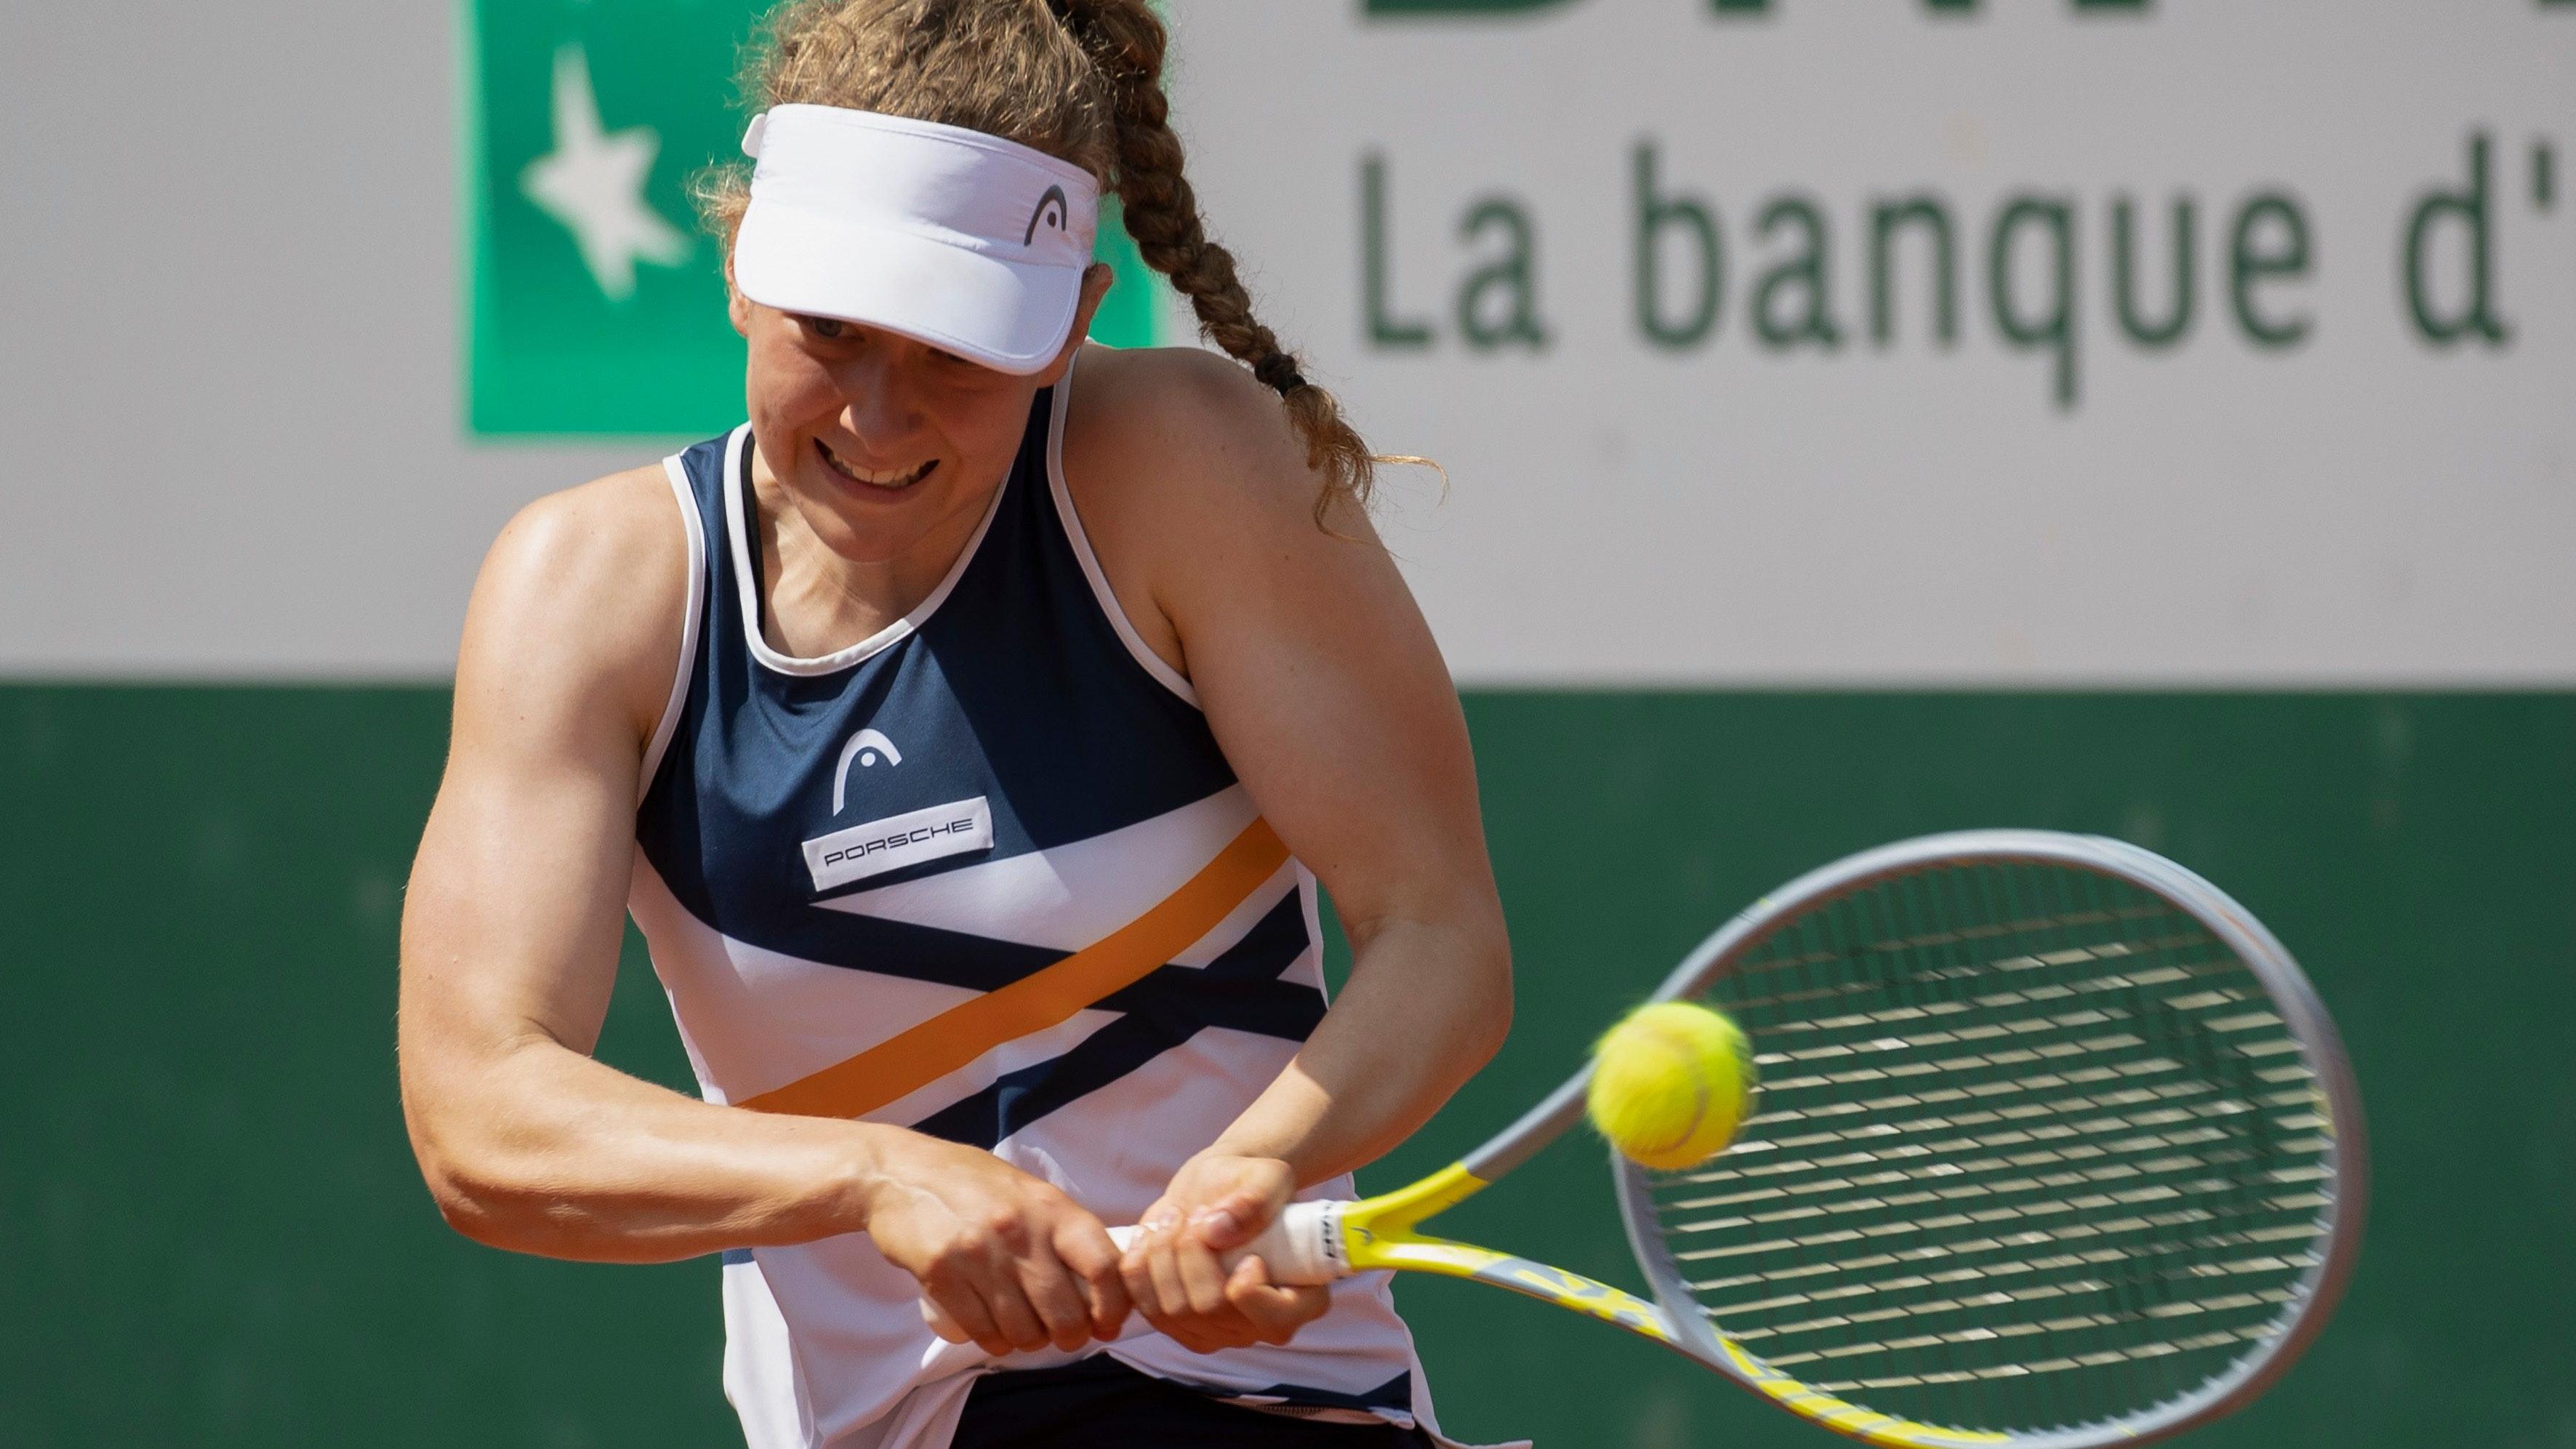 Countdown für Wimbledon läuft: Julia Middendorf, hier bei den French Open. Foto: Hasenkopf